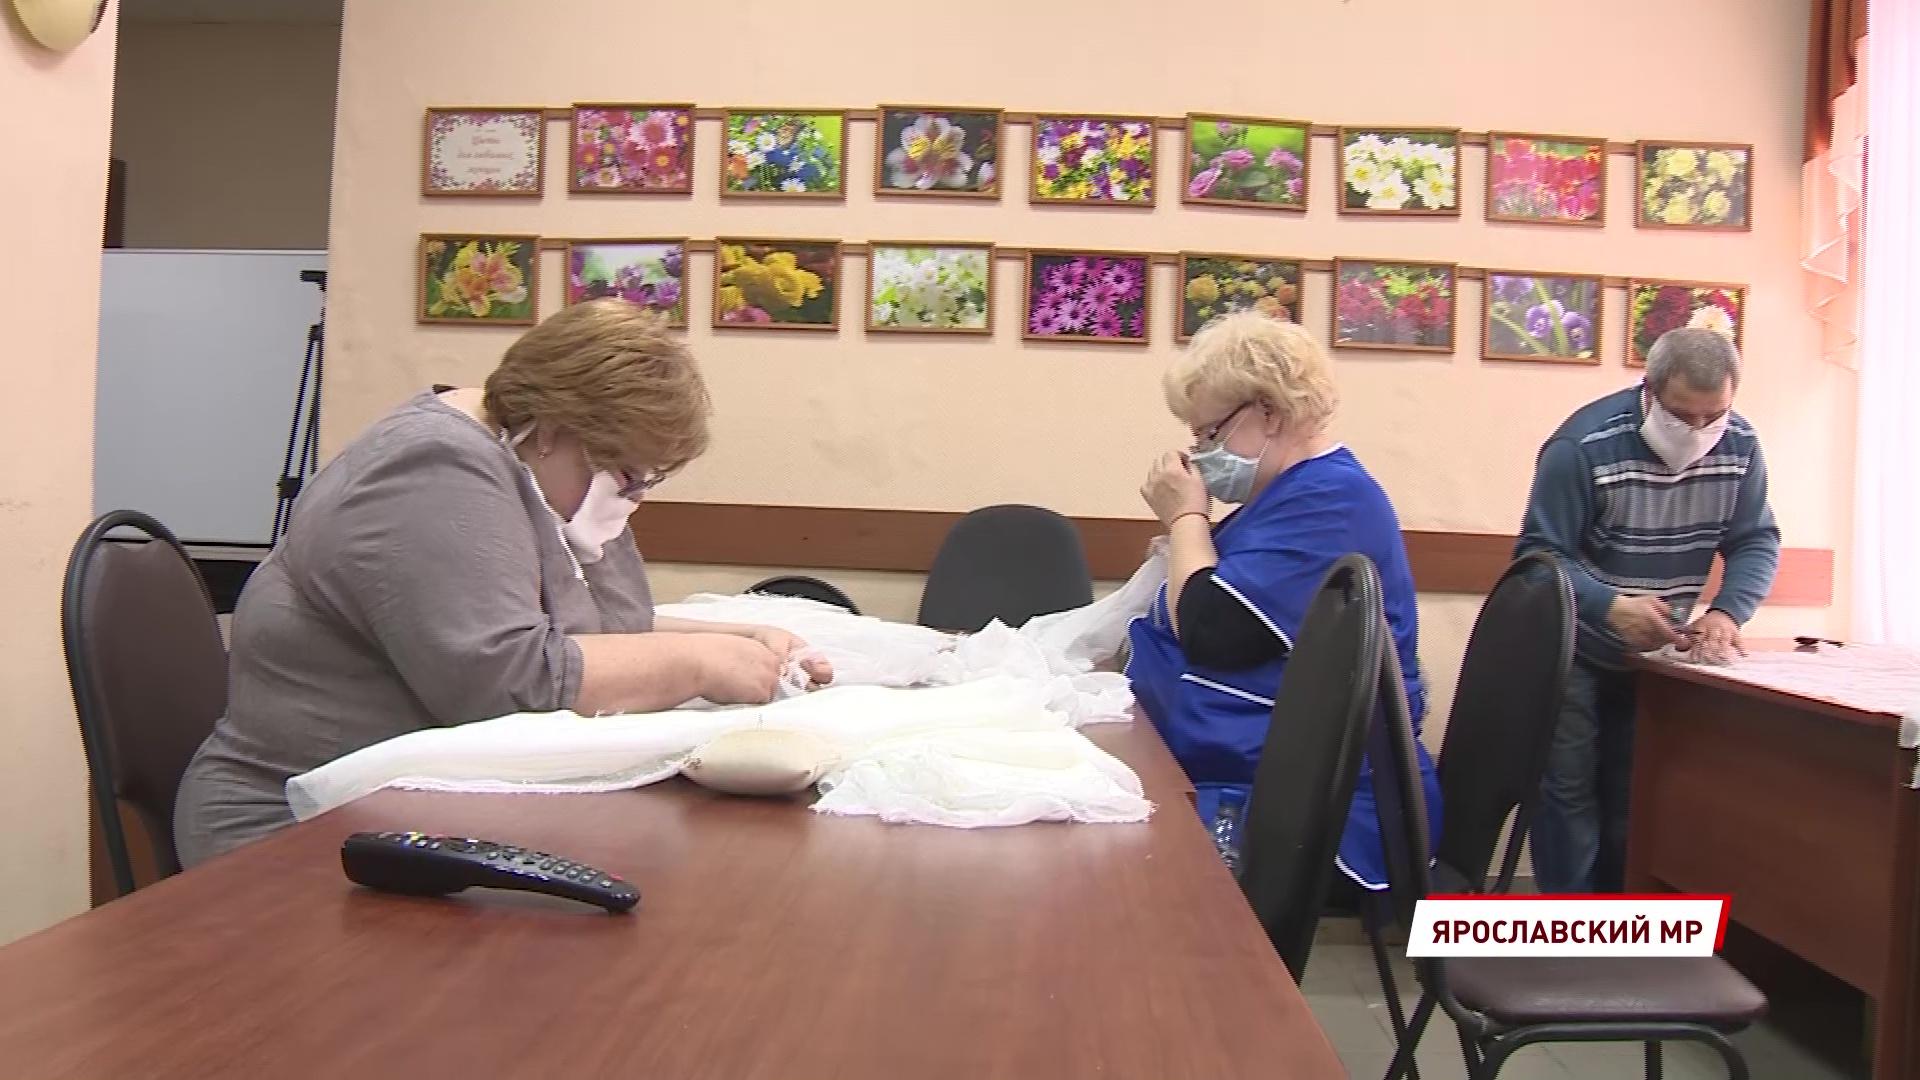 Швейные предприятия региона перешли на производство многоразовых гигиенических масок